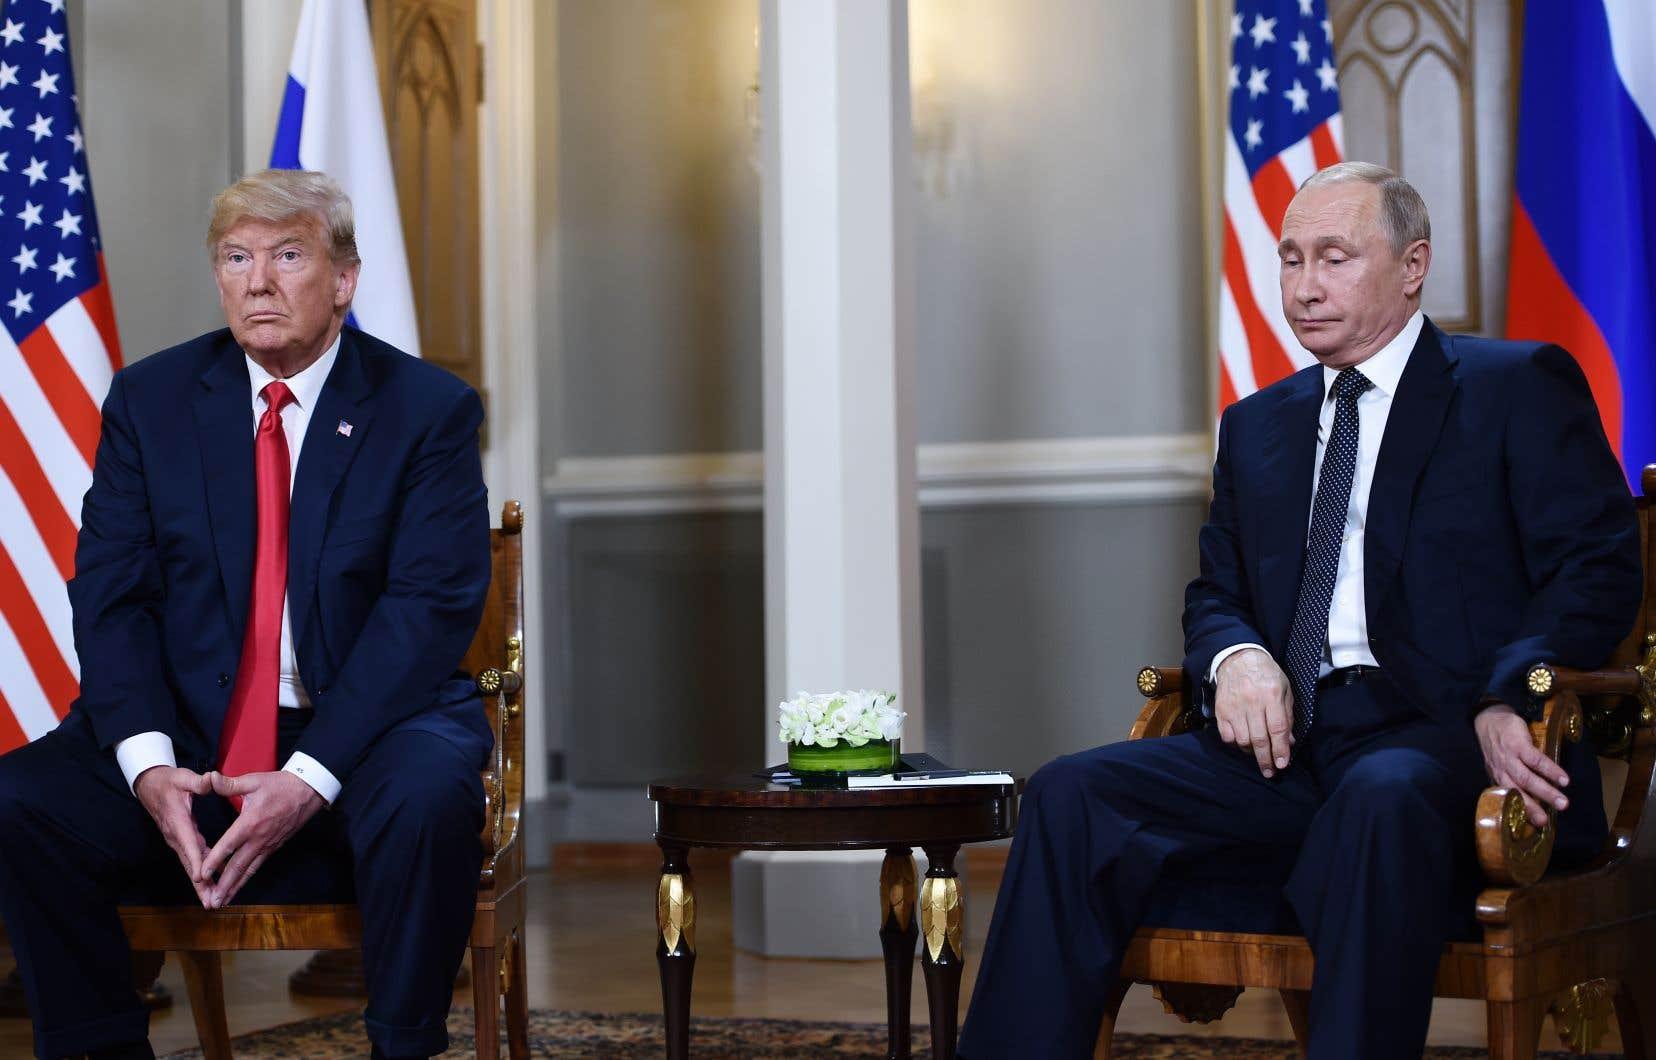 Les présidents américain et russe, Donald Trump et Vladimir Poutine